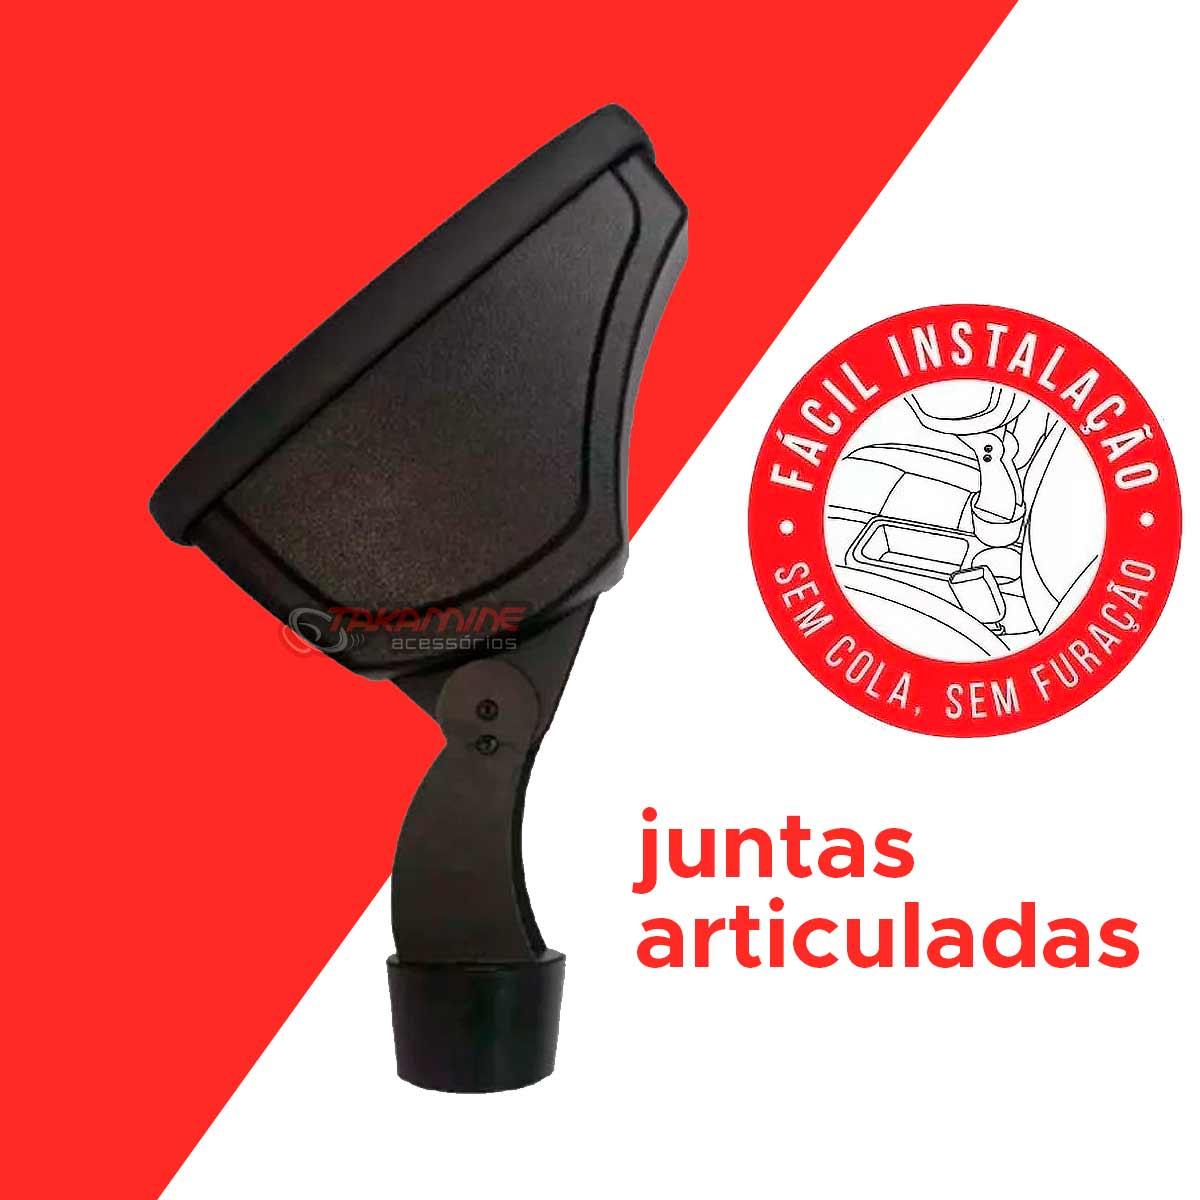 Apoio de braço City 2015 2016 2017 2018 2019 2020 grafite encaixe